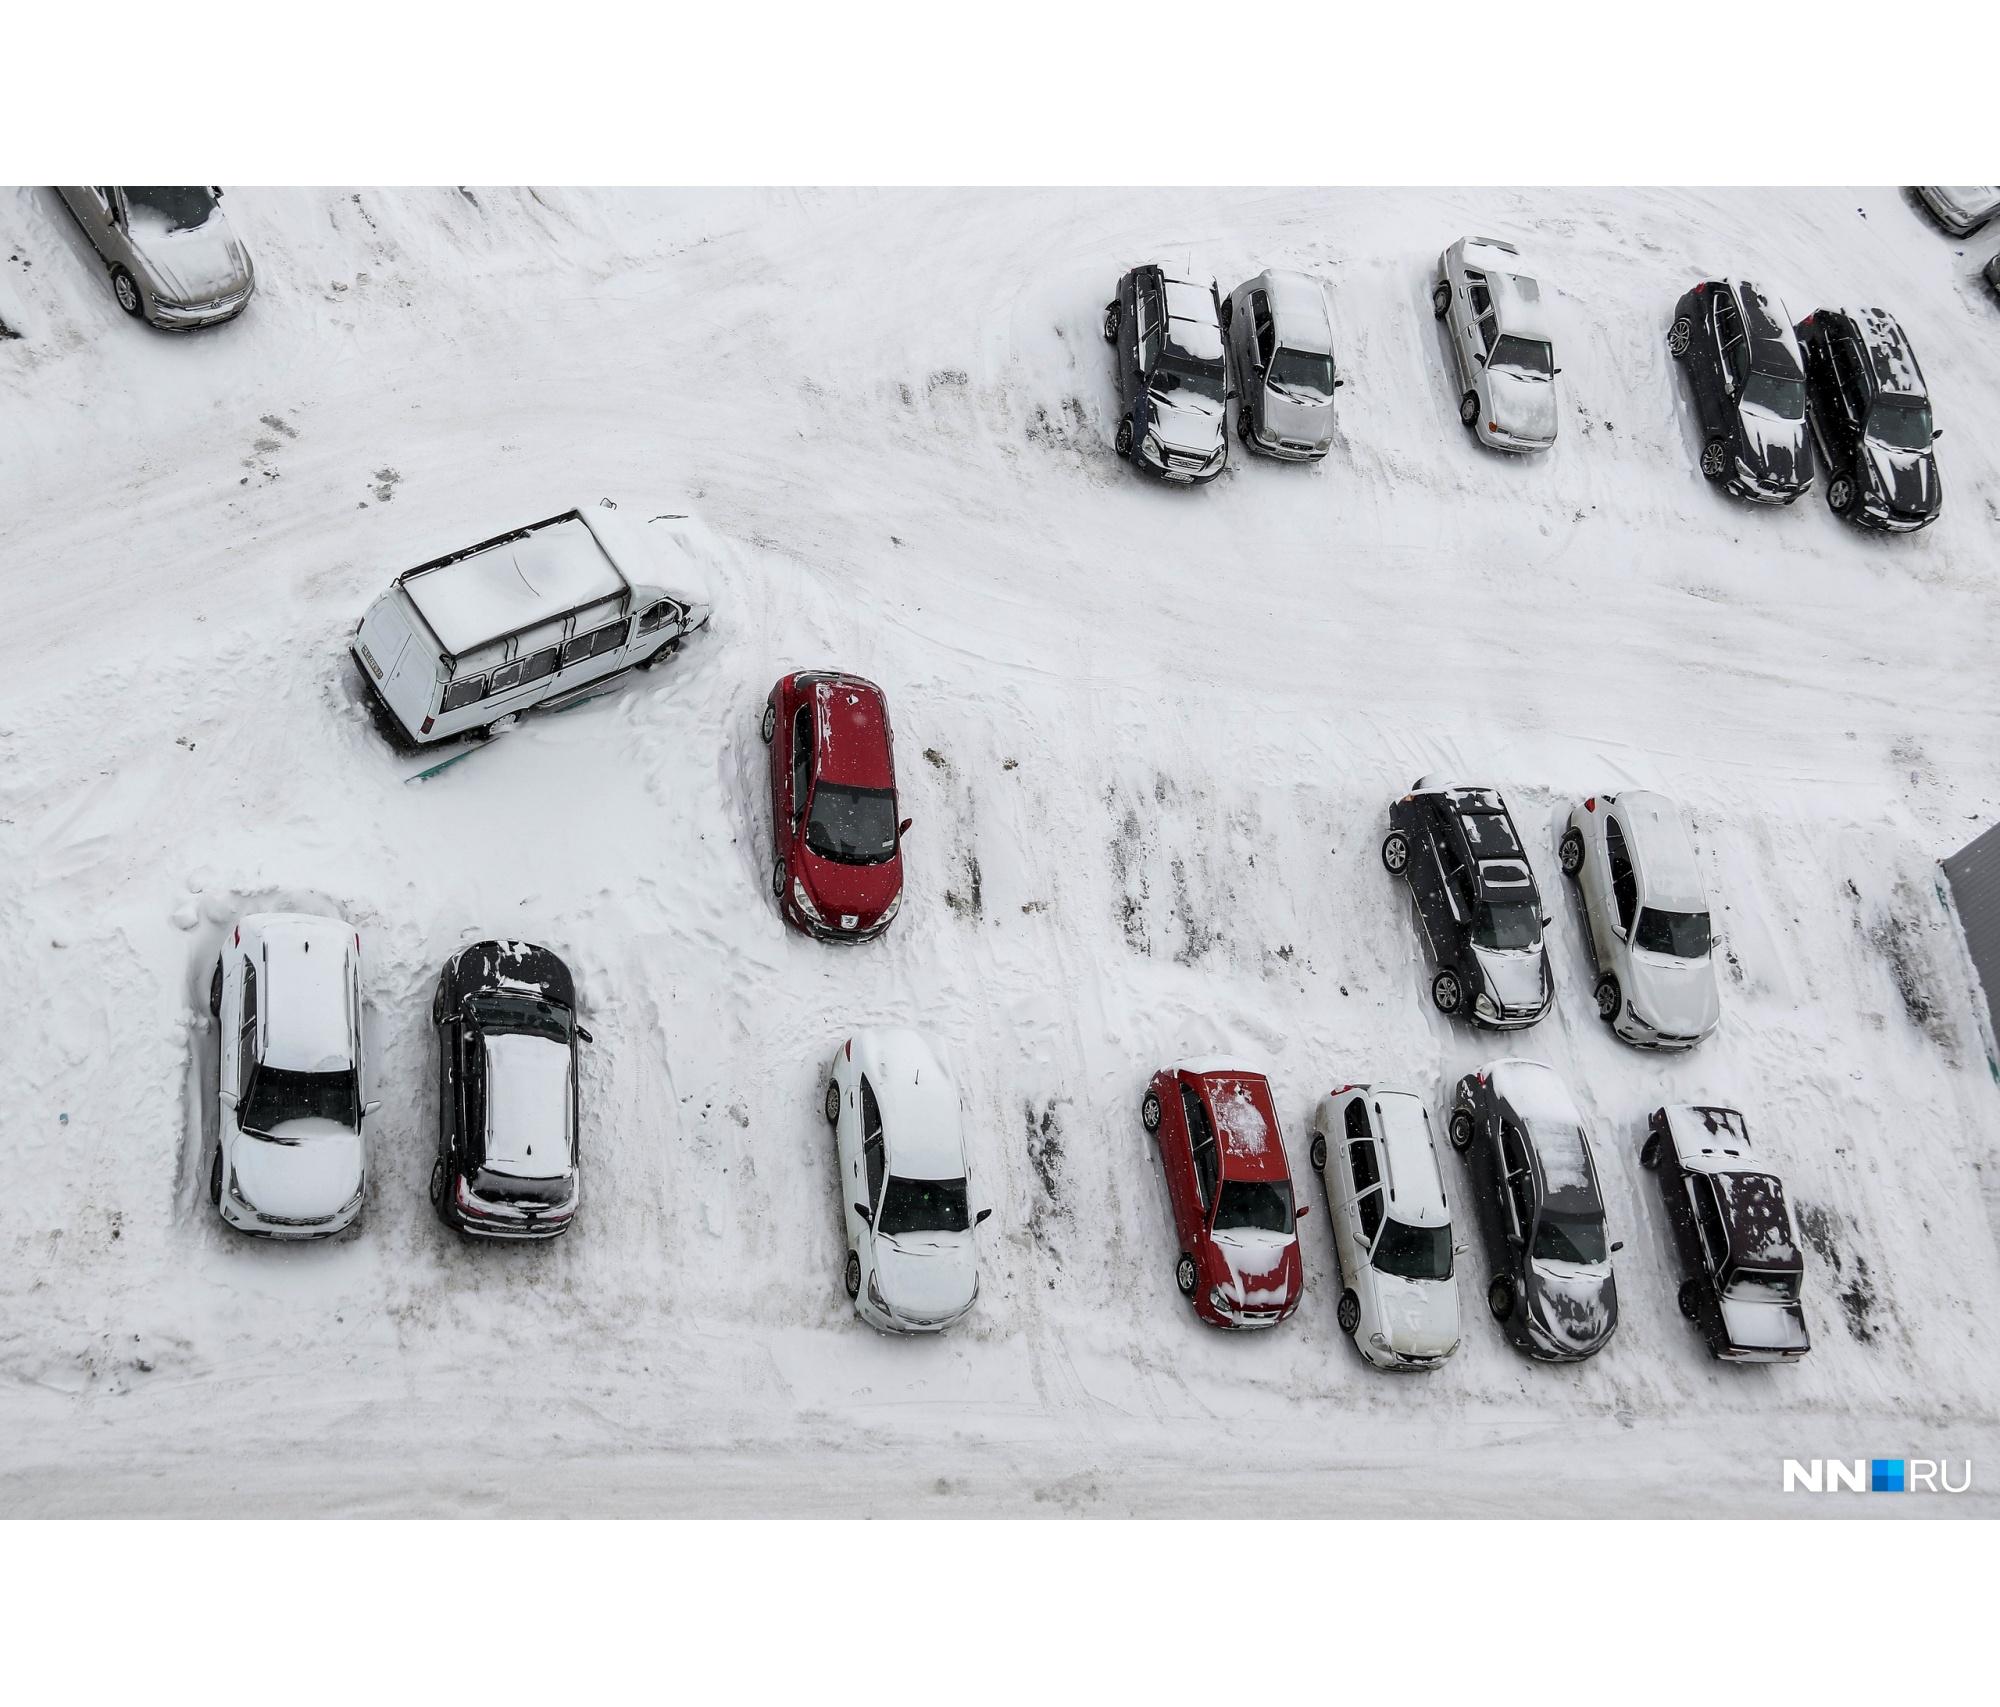 Ставить машину у дома зимой — большой риск, как, впрочем, и в других местах